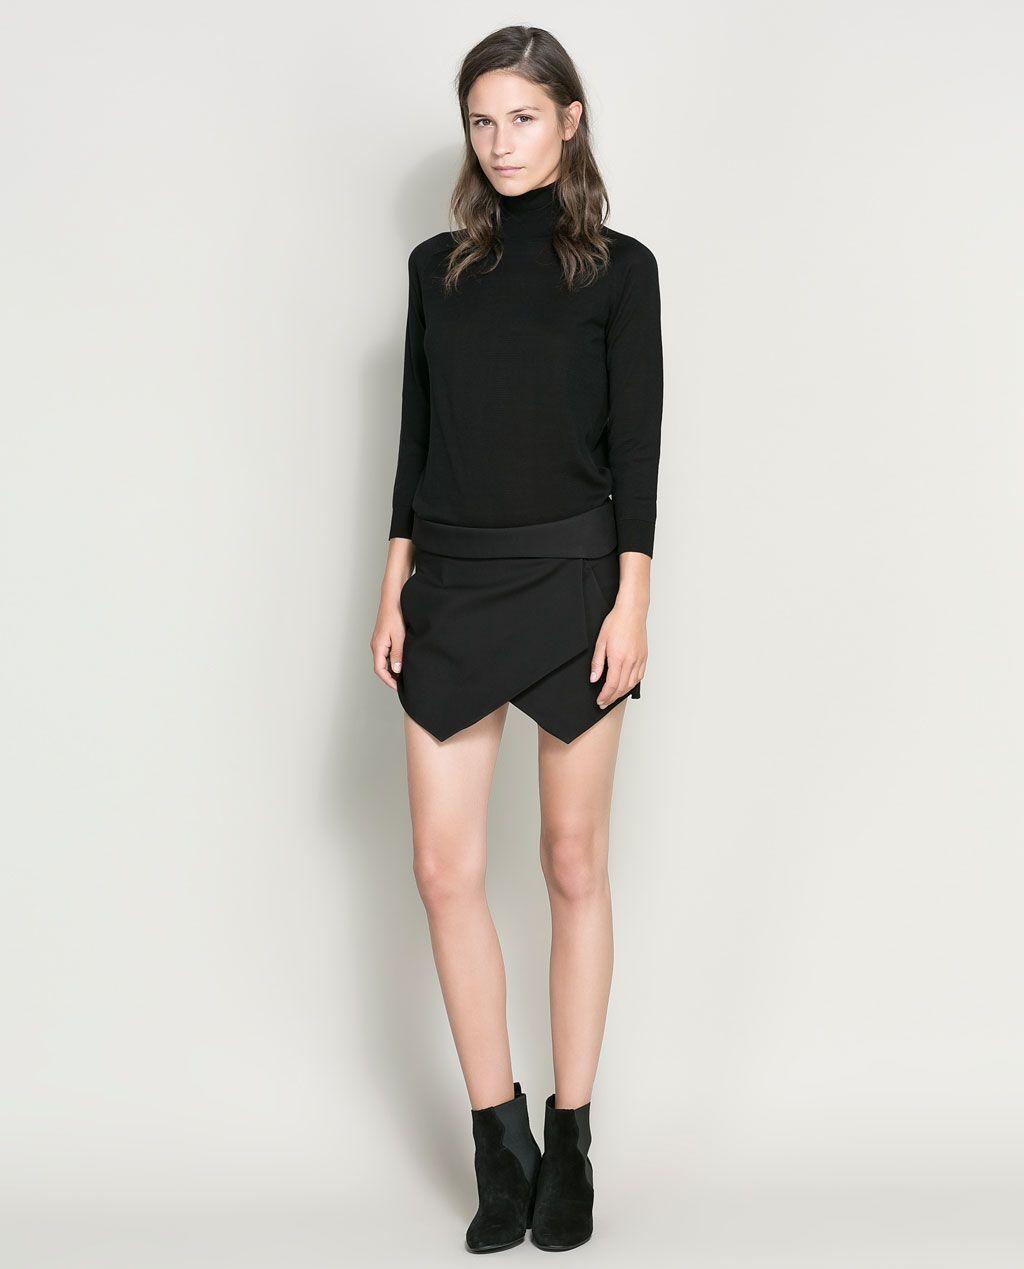 This Zara Style Gonna Donna Need PantaloneFashion Faldas kN8wXZOn0P